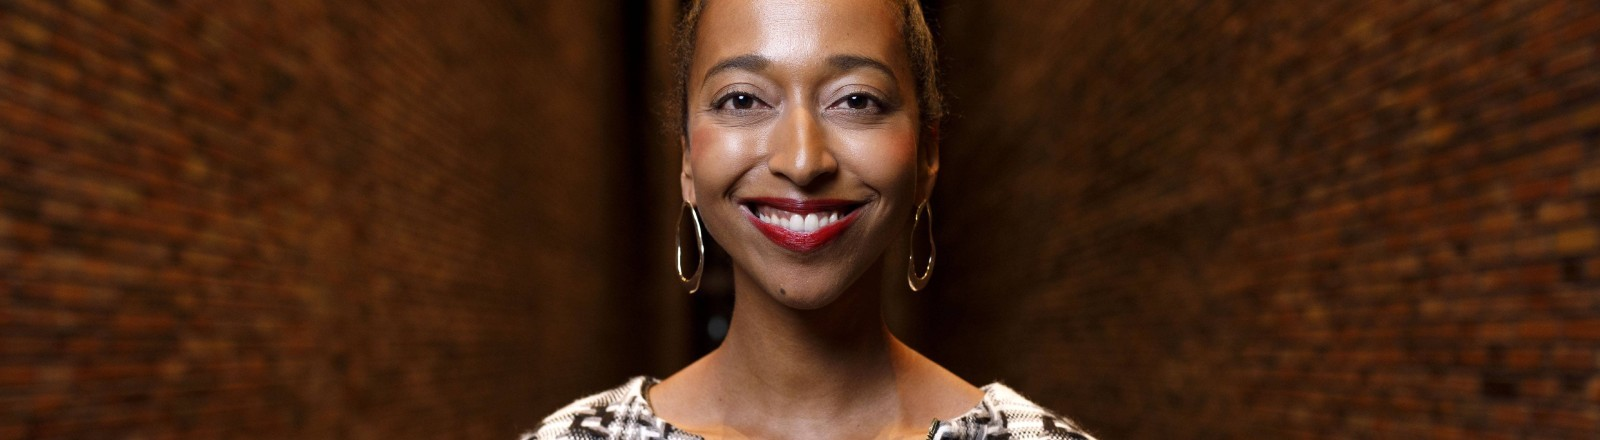 Ein Porträt der Autorin Melanie Raabe